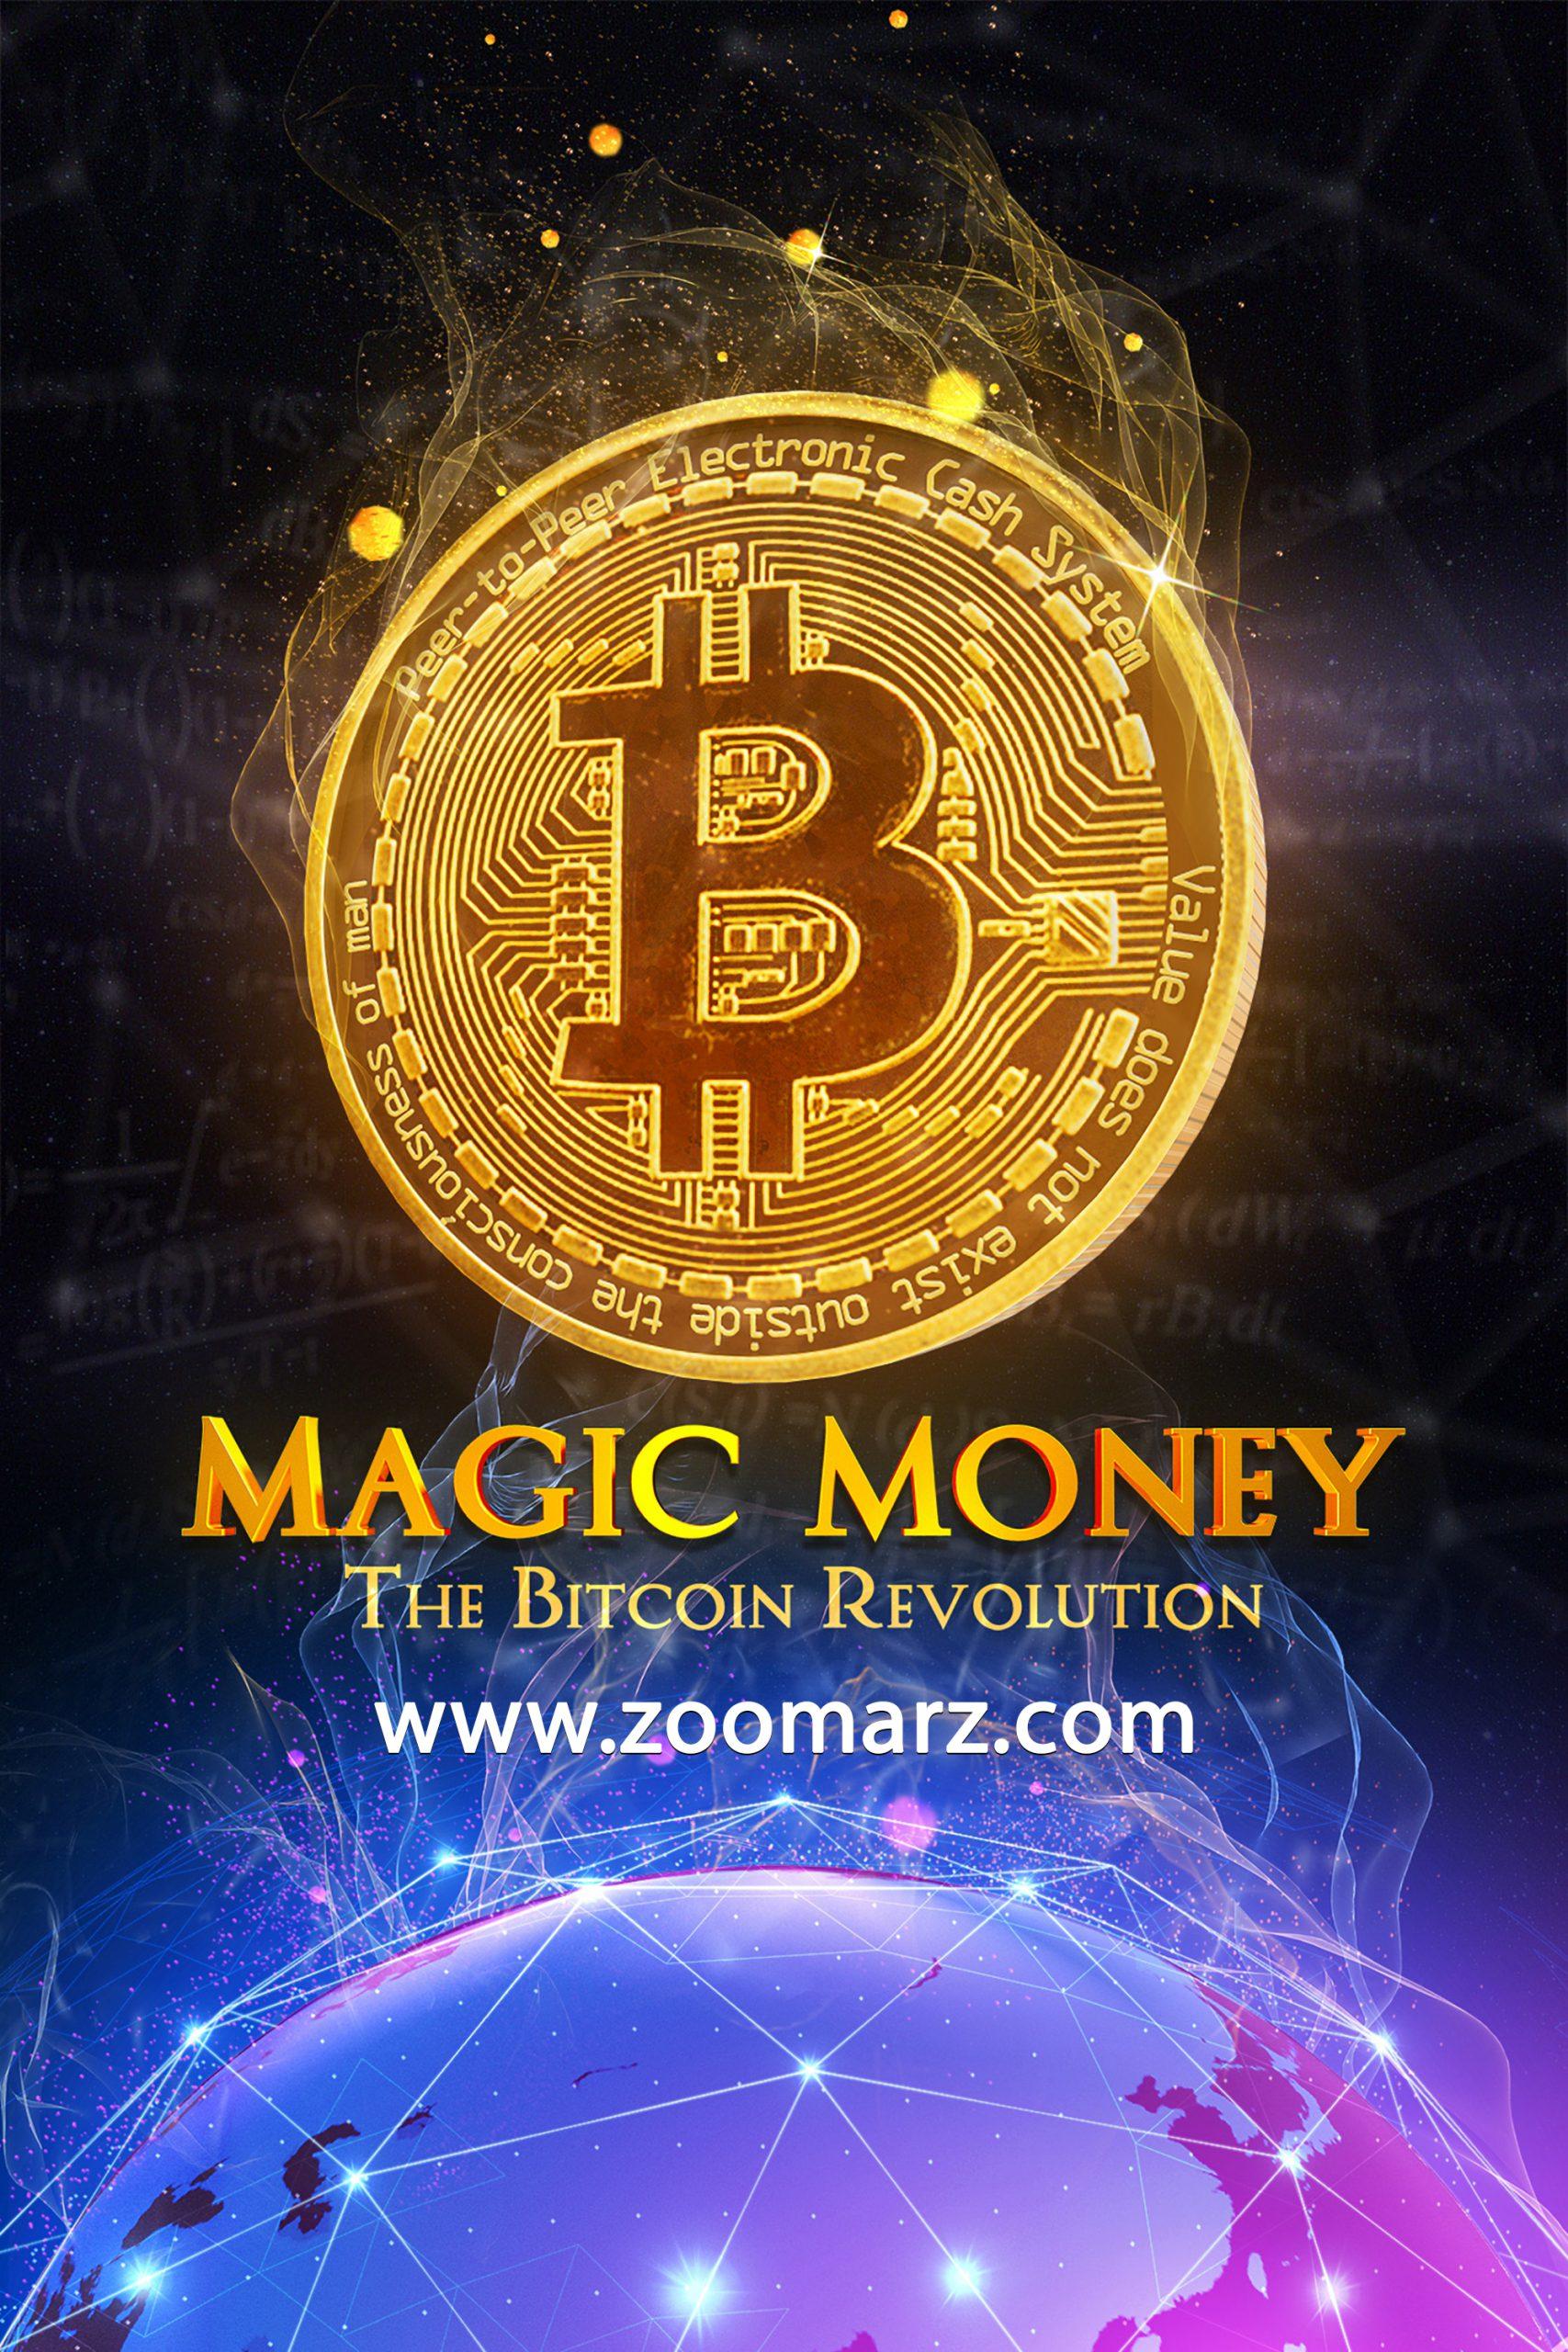 معرفی فیلم درباره بیت کوین magic money